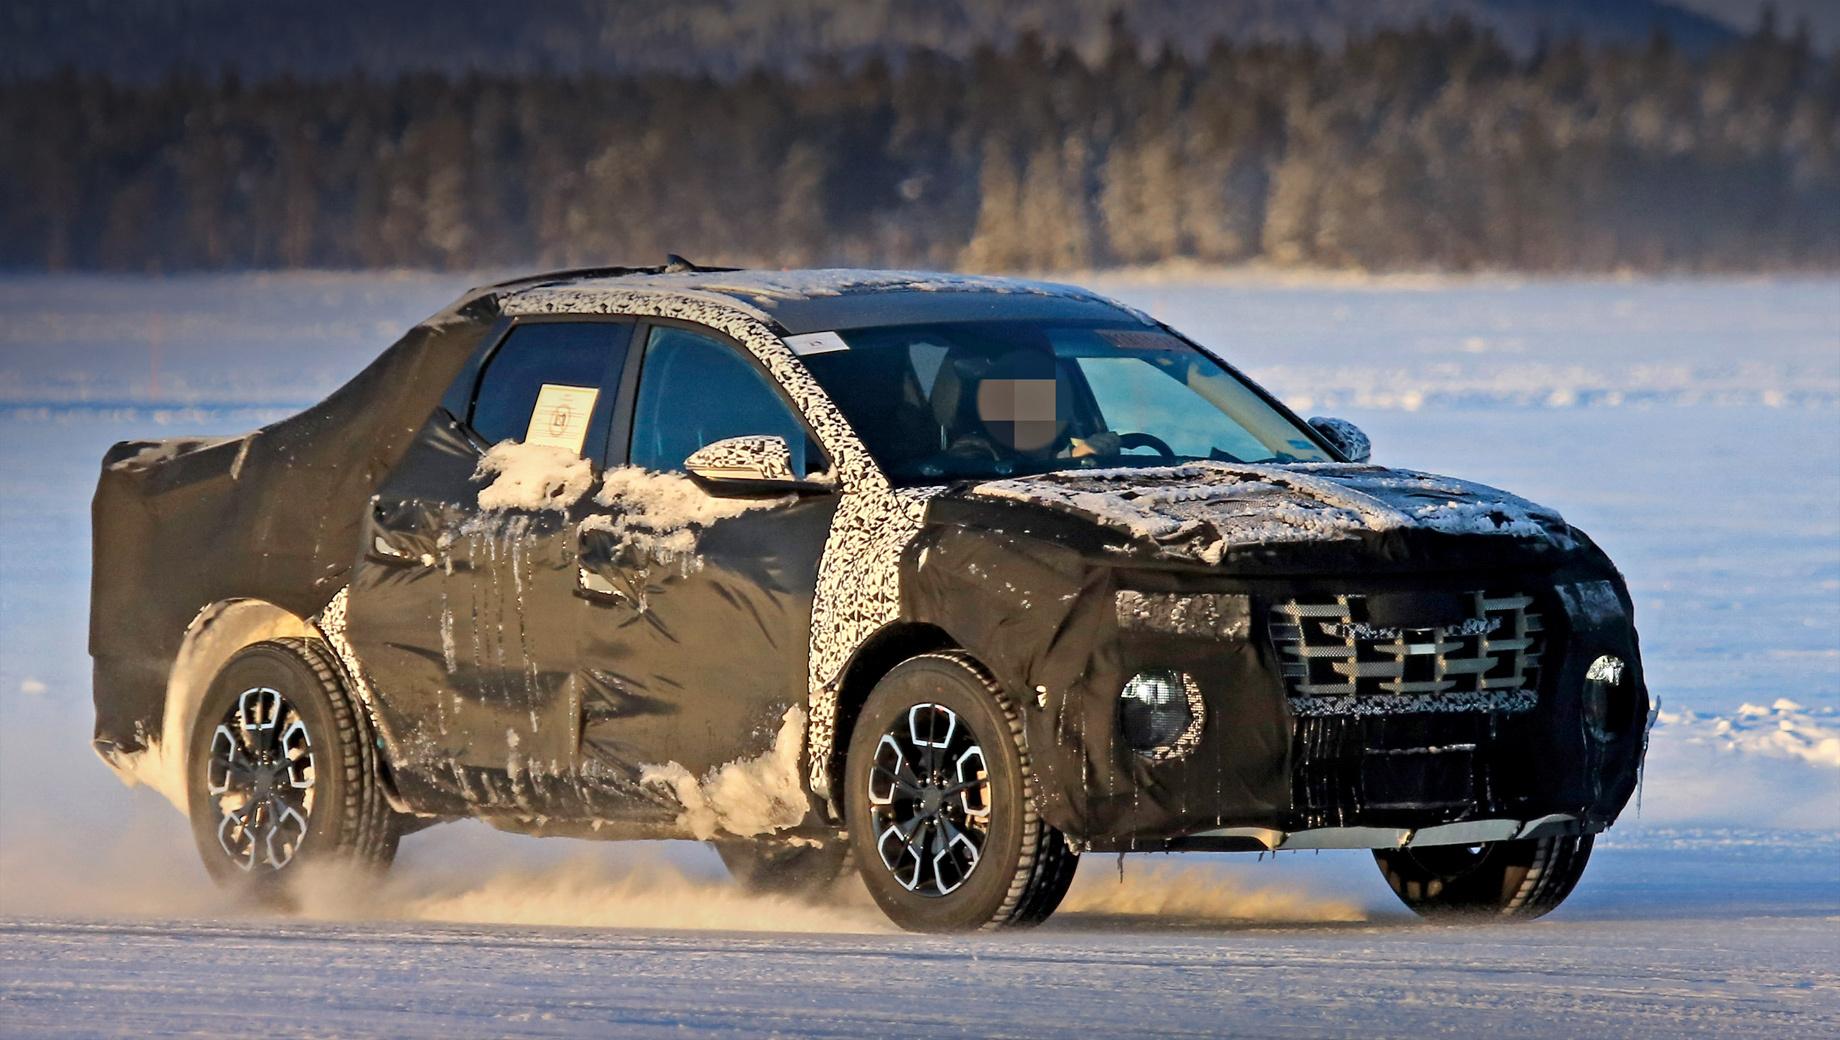 Концепт Hyundai Santa Cruz (на видео) представили ещё пять лет назад. В ноябре прошлого года производитель официально заявил, что серийный пикап будет представлен в 2021-м. В декабре появилось первое изображение новинки на стоянке, и лишь теперь опубликованы снимки с ходовых испытаний.